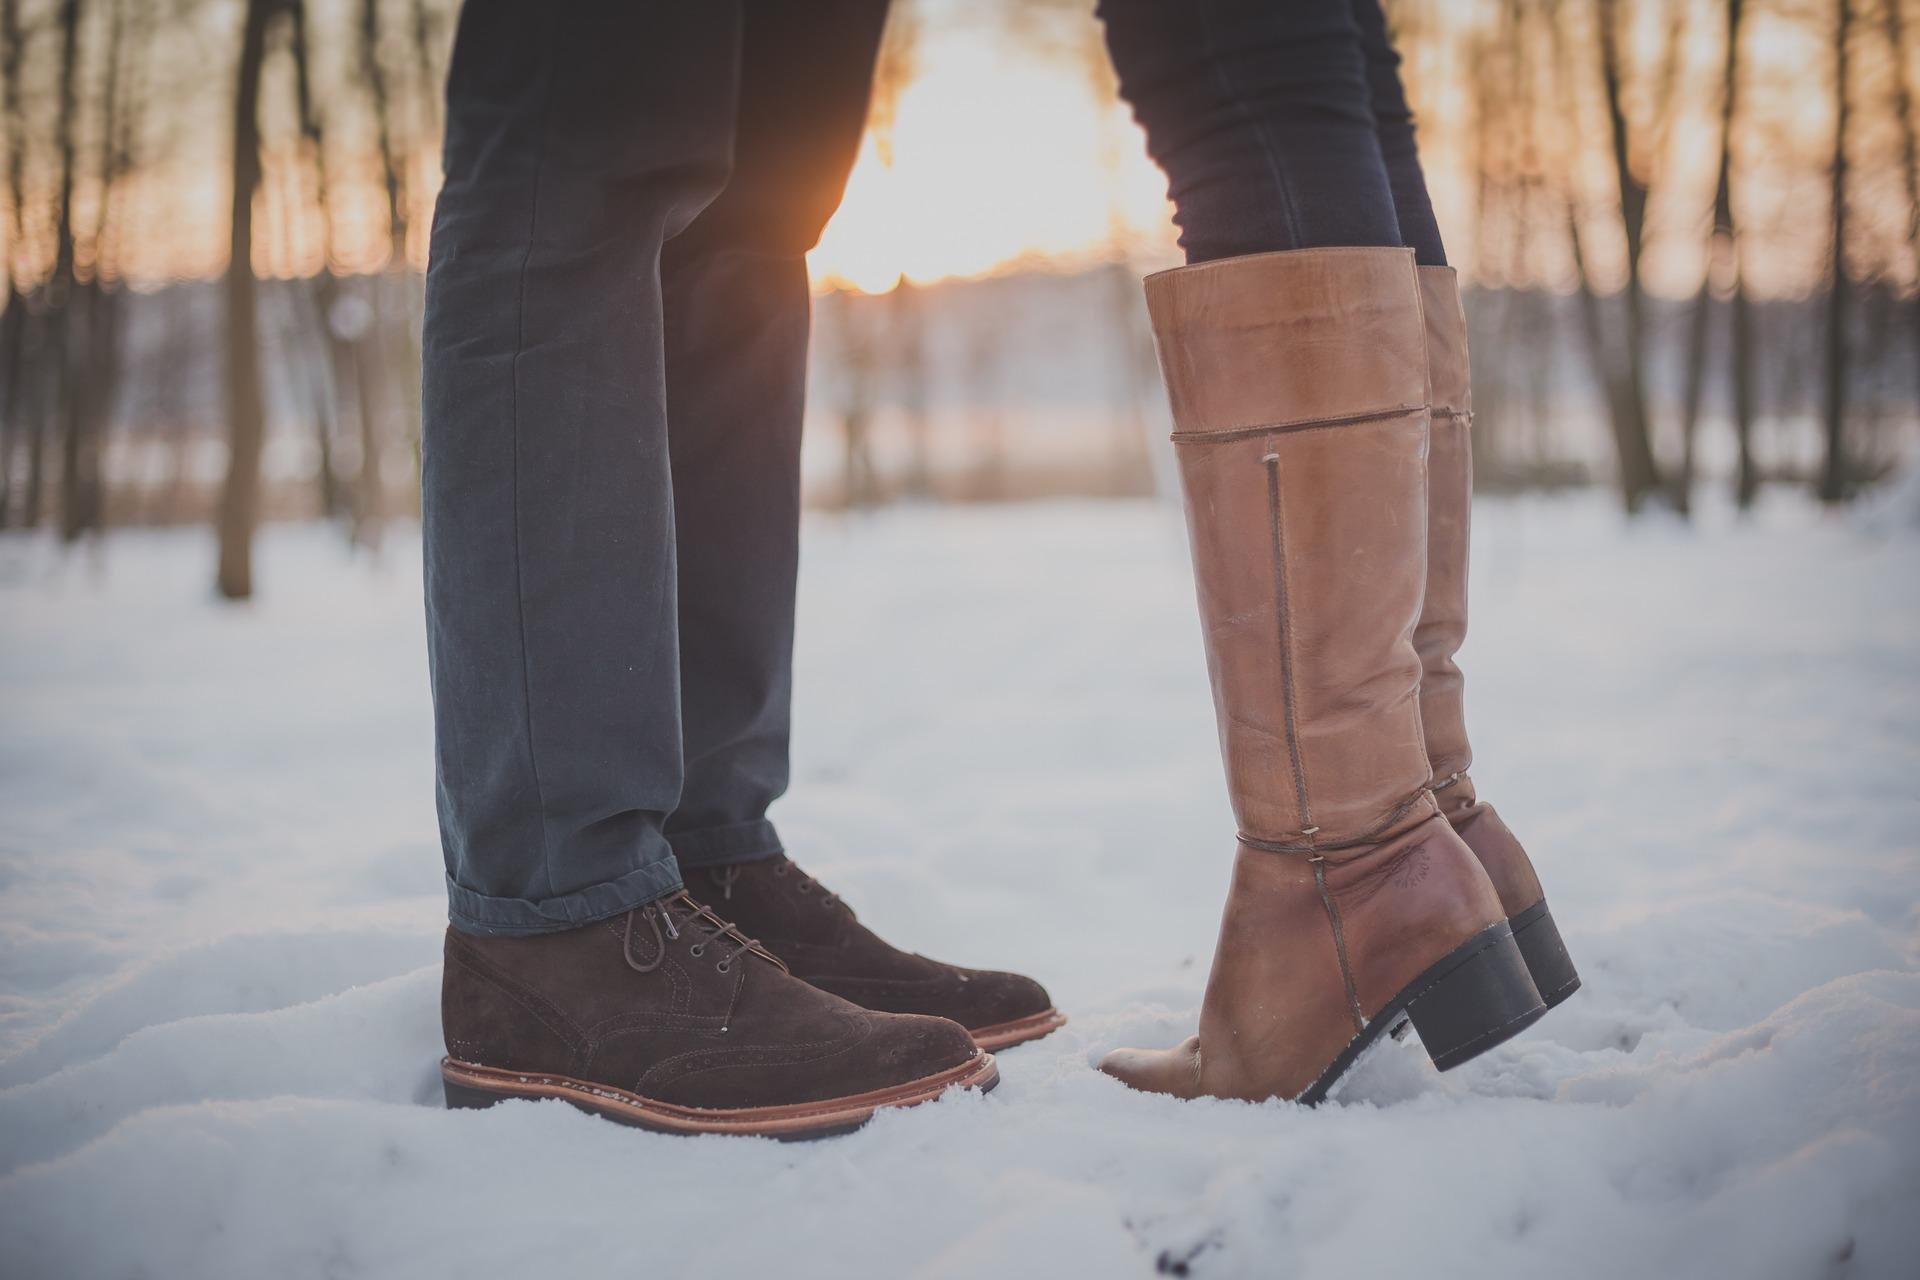 Tener una buena relación de pareja